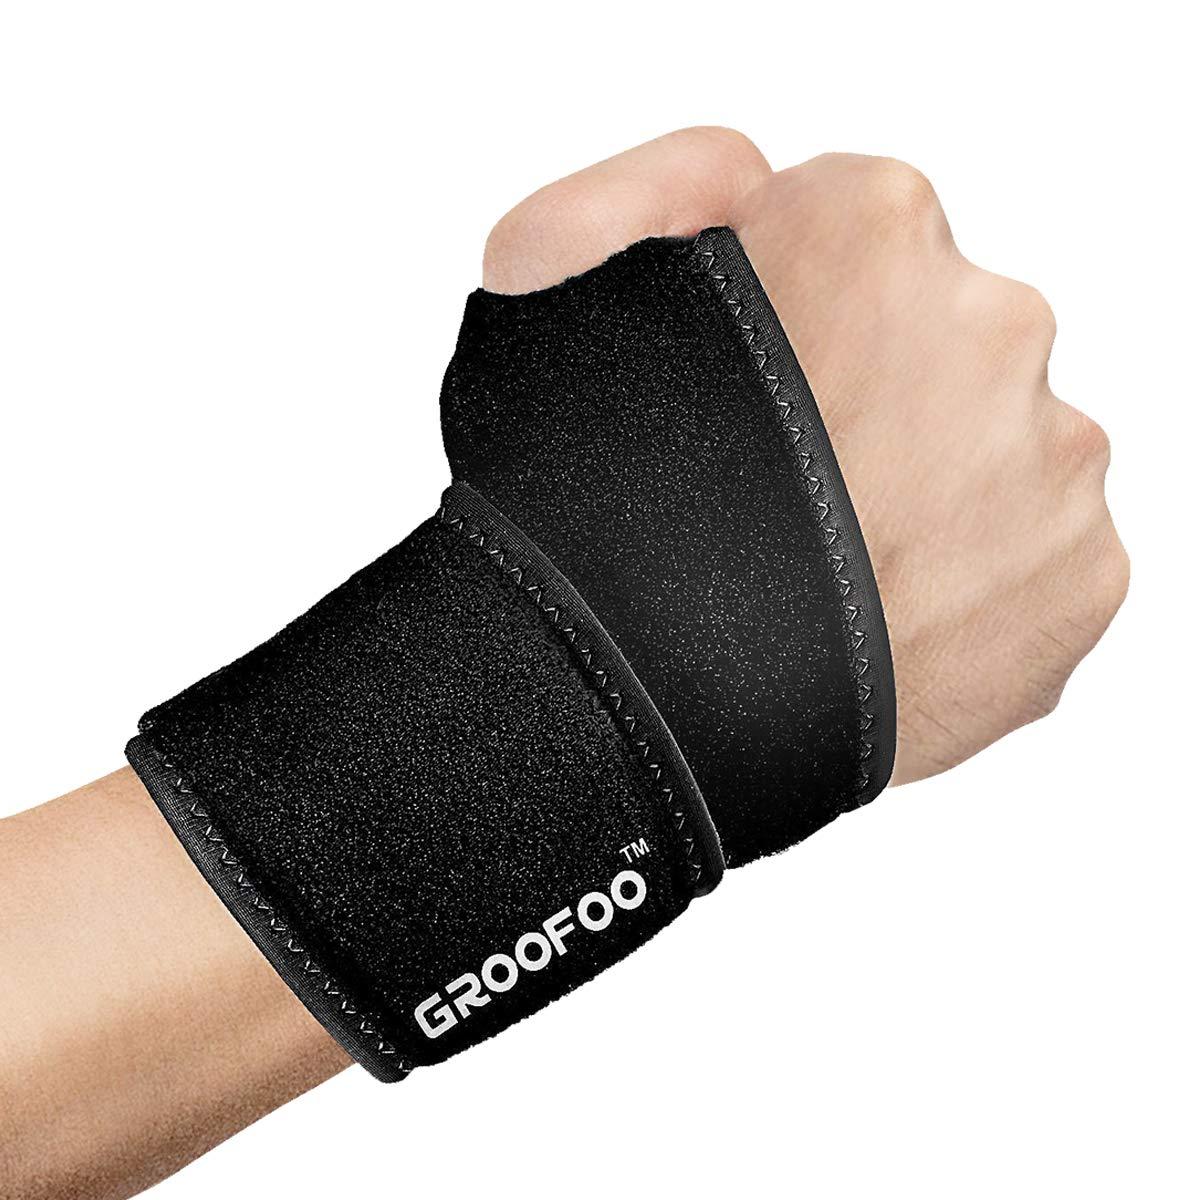 [Handgelenkbandage] GROOFOO Handgelenkstütze verstellbare Handbandage Handgelenkschoner zur wirkungsvollen Unterstützung und Entlastung Wrist Wraps für Alltag Fitness und Kraftsport beide Hände gültig